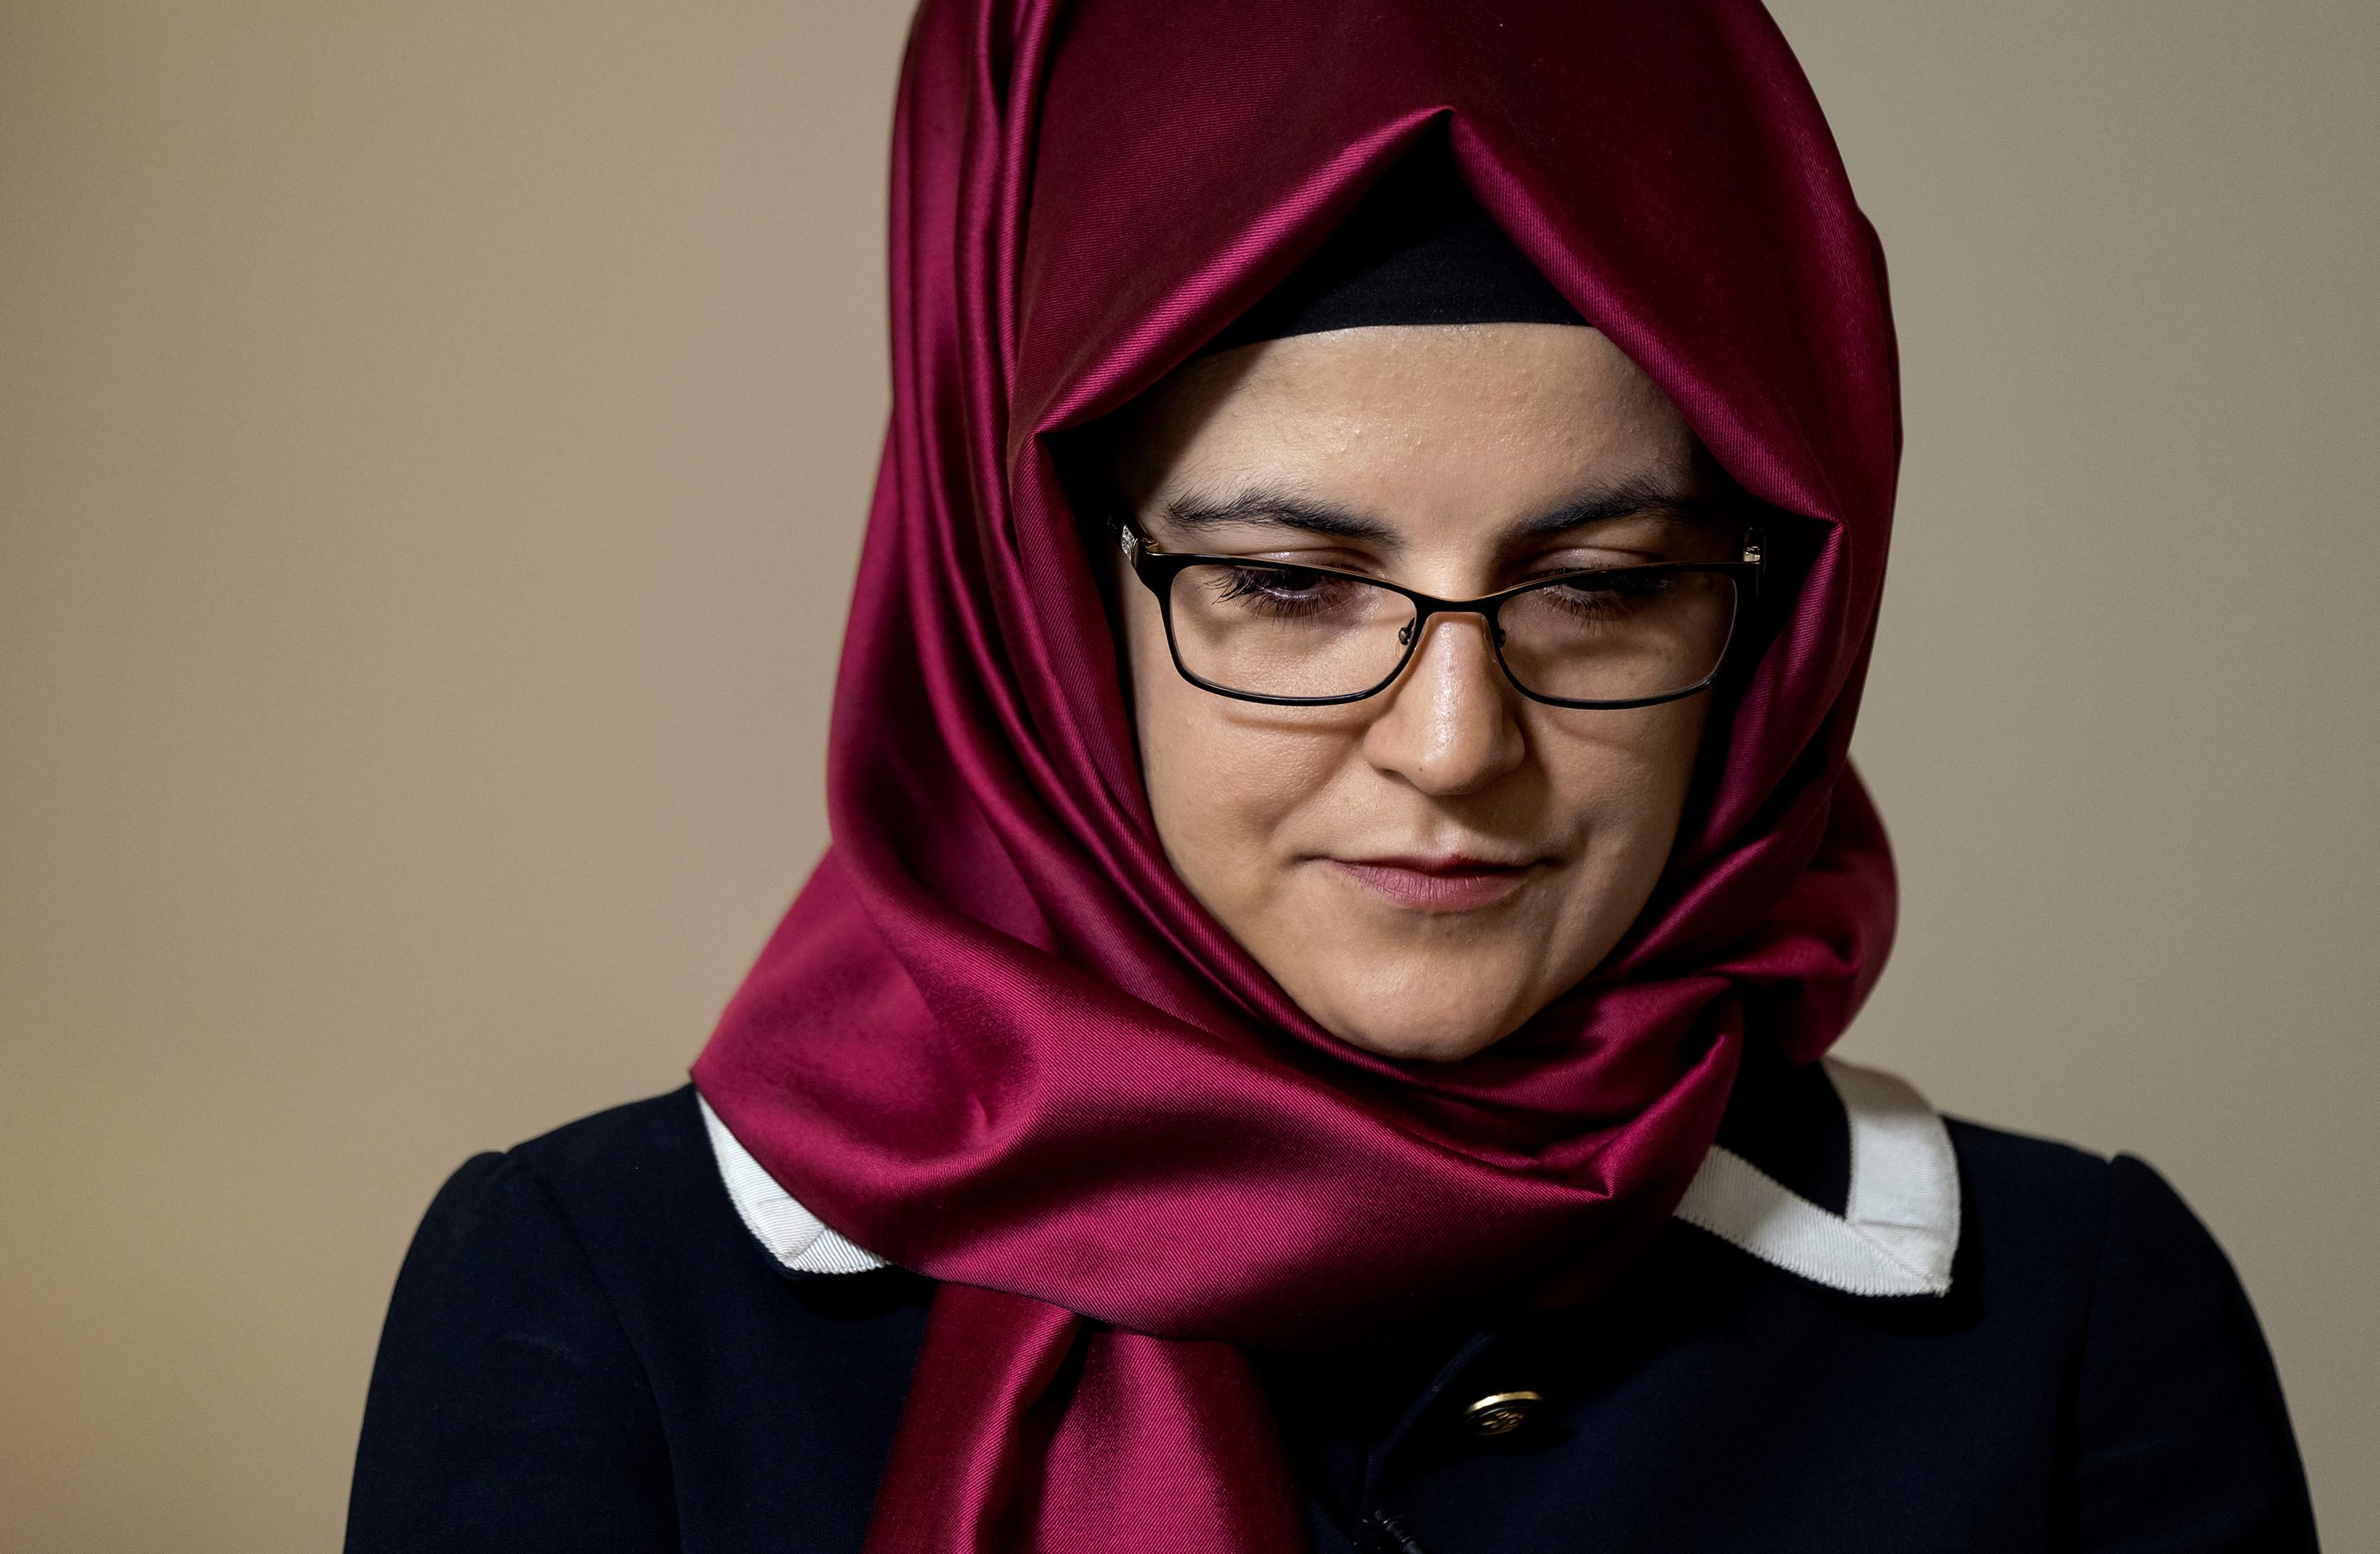 Saudi crown prince denies ordering journalist's murder